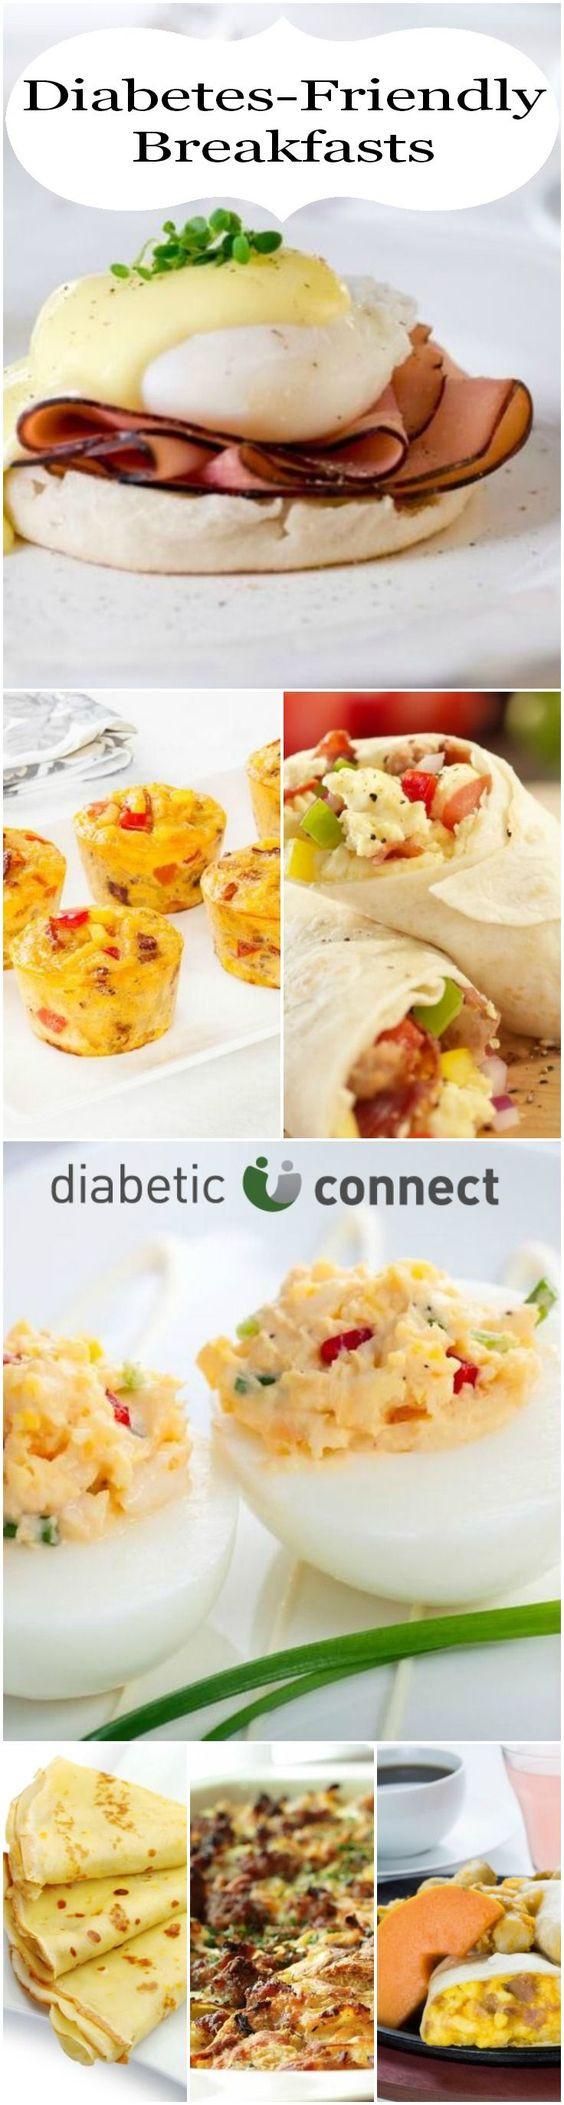 Diabetic Breakfast Casseroles  Diabetic breakfast ideas